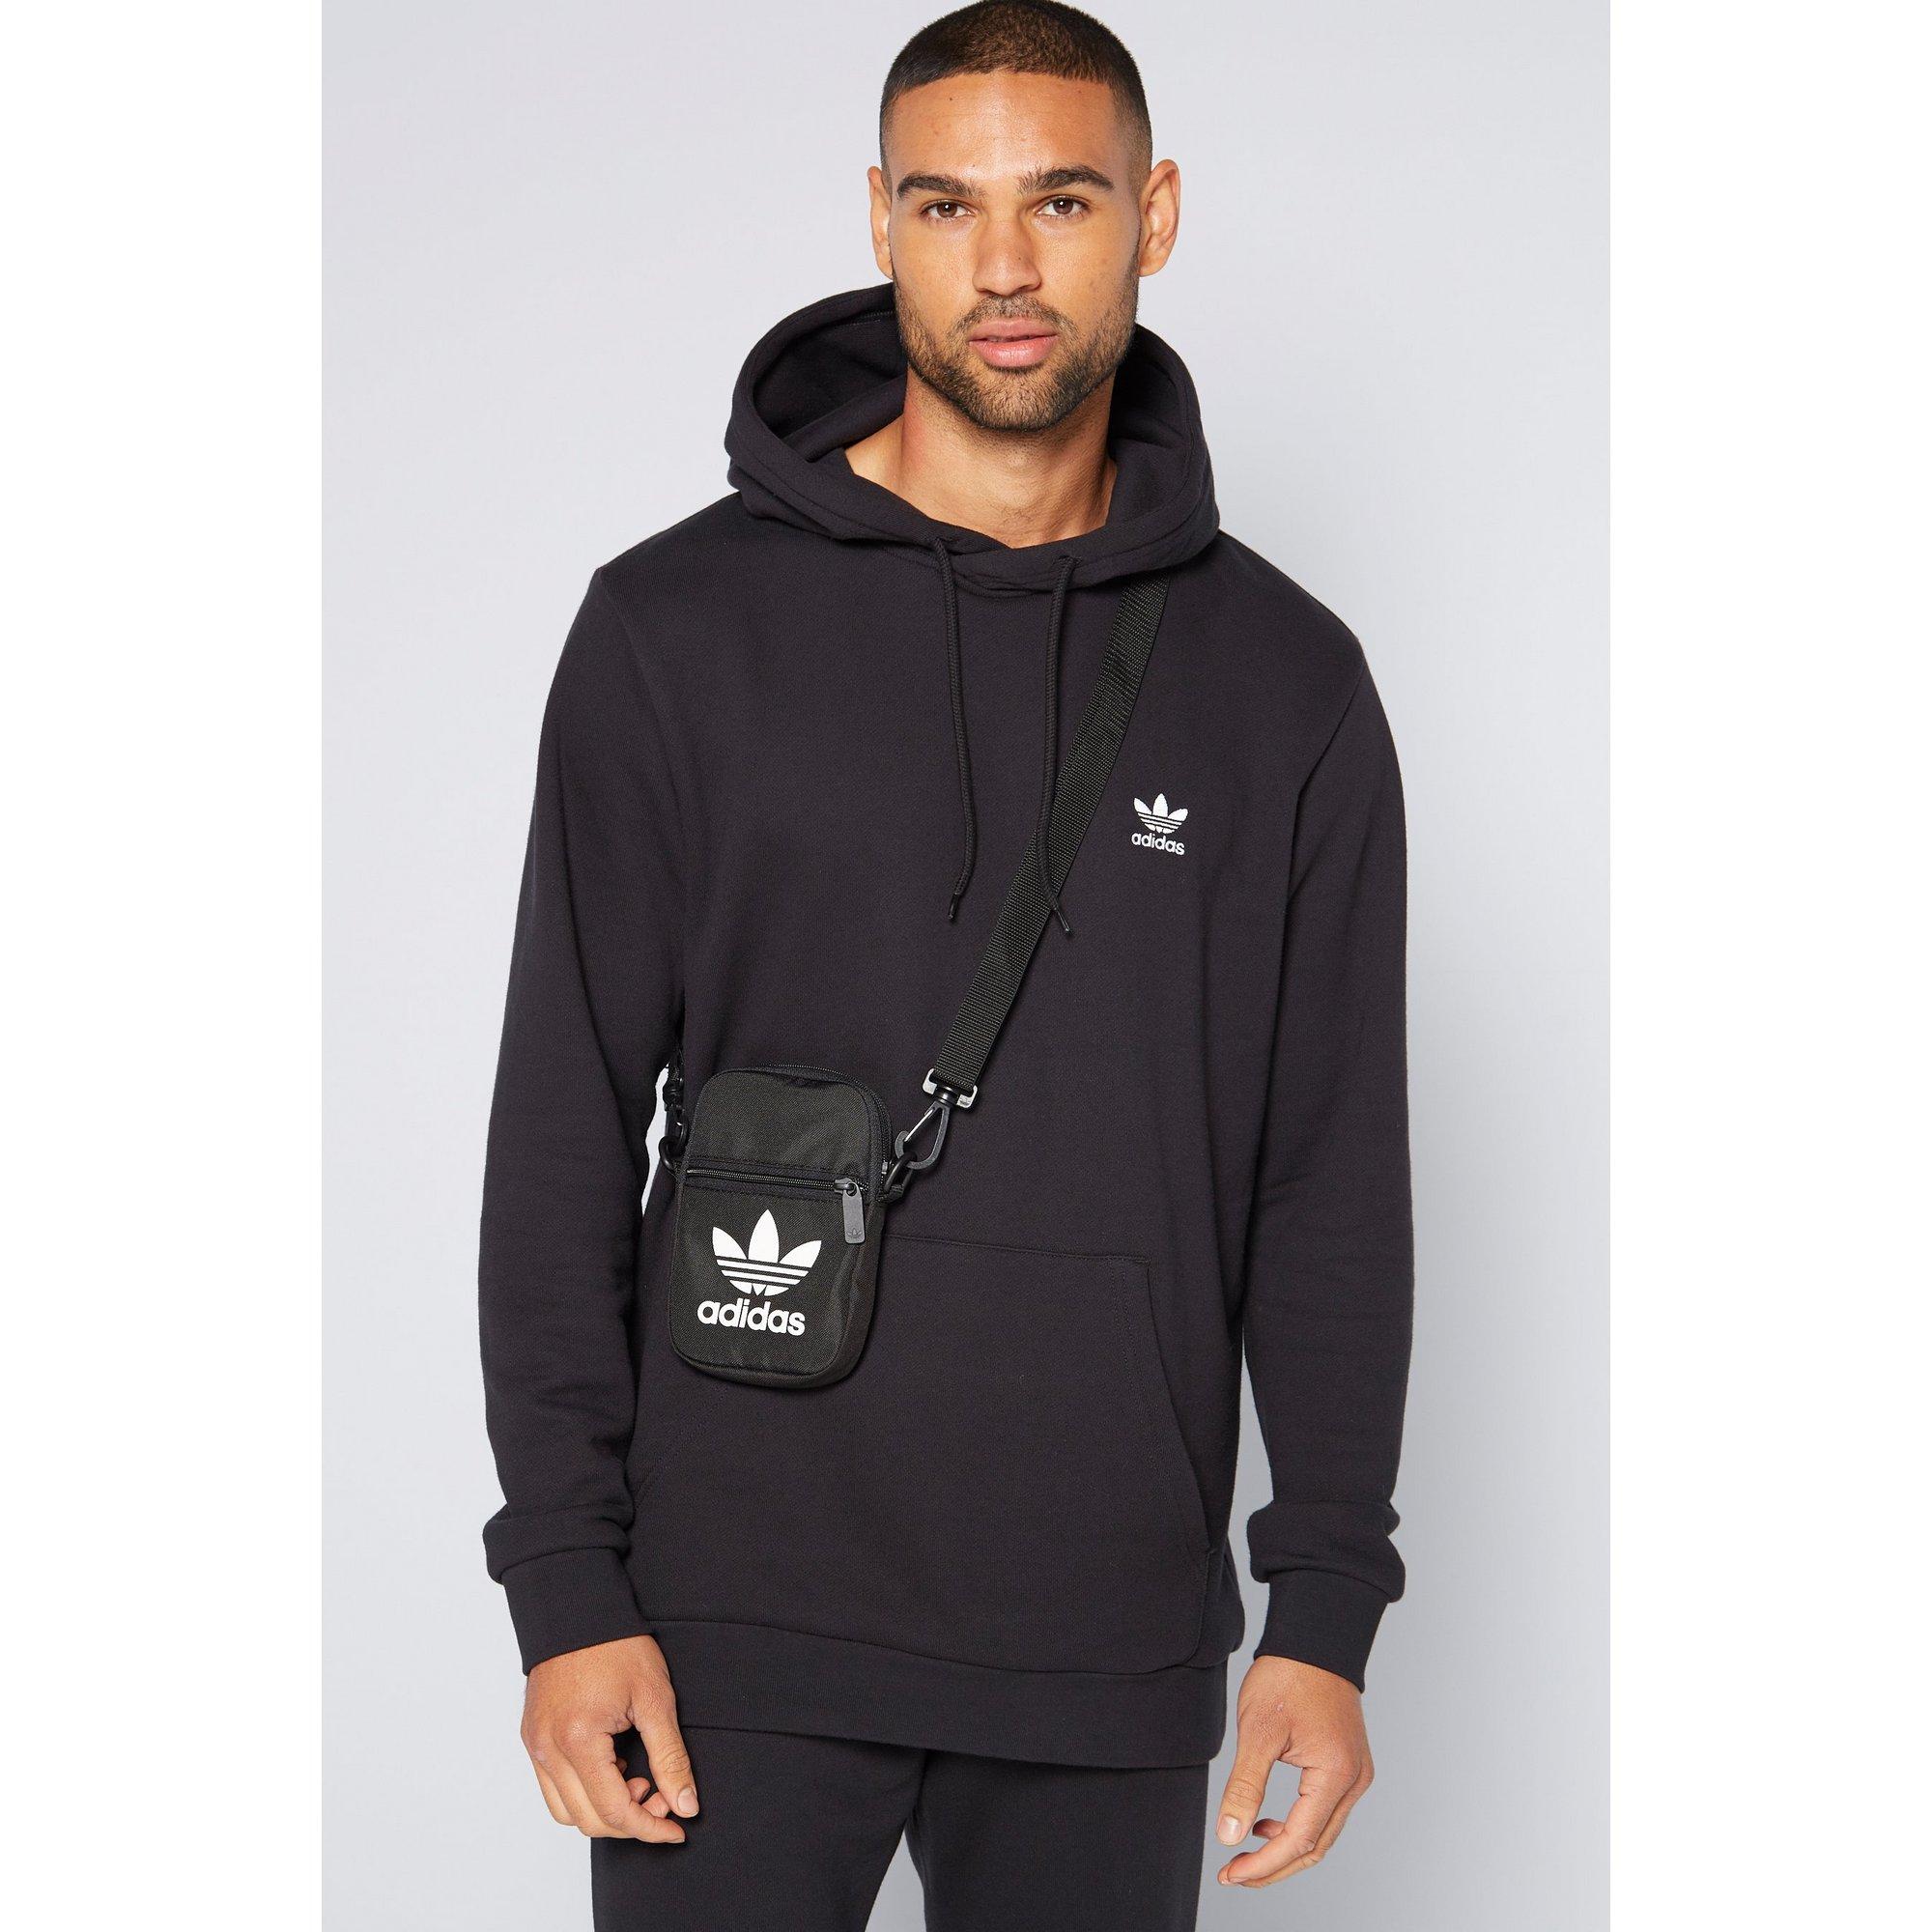 Image of adidas Originals Trefoil Herringbone Black Cross Body Bag